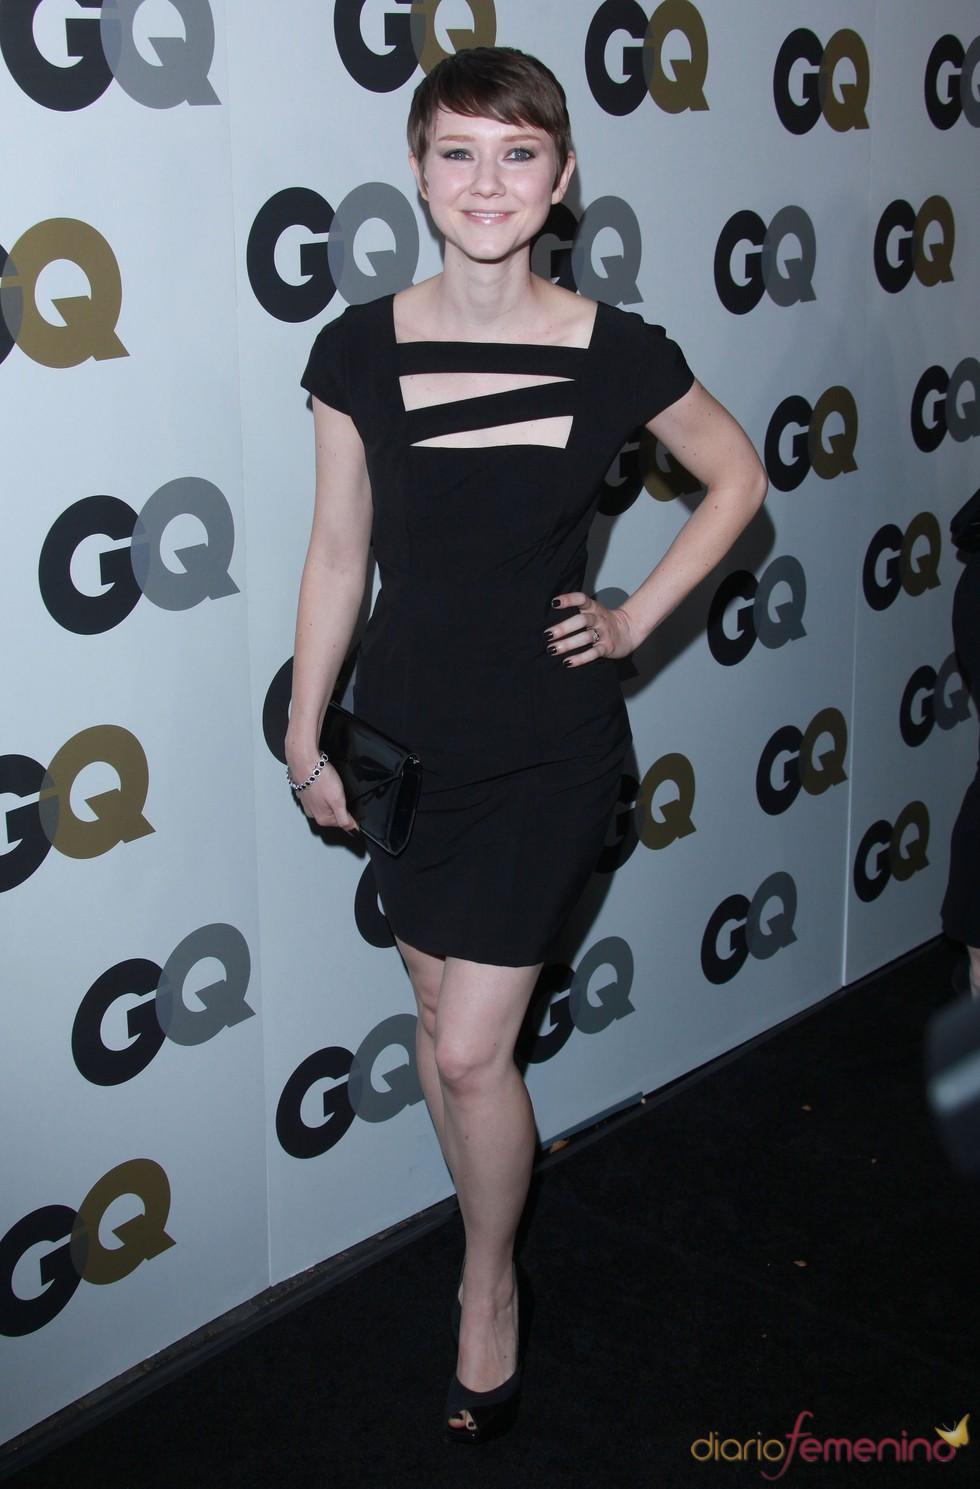 Valerie Curry en la Fiesta GQ 2010